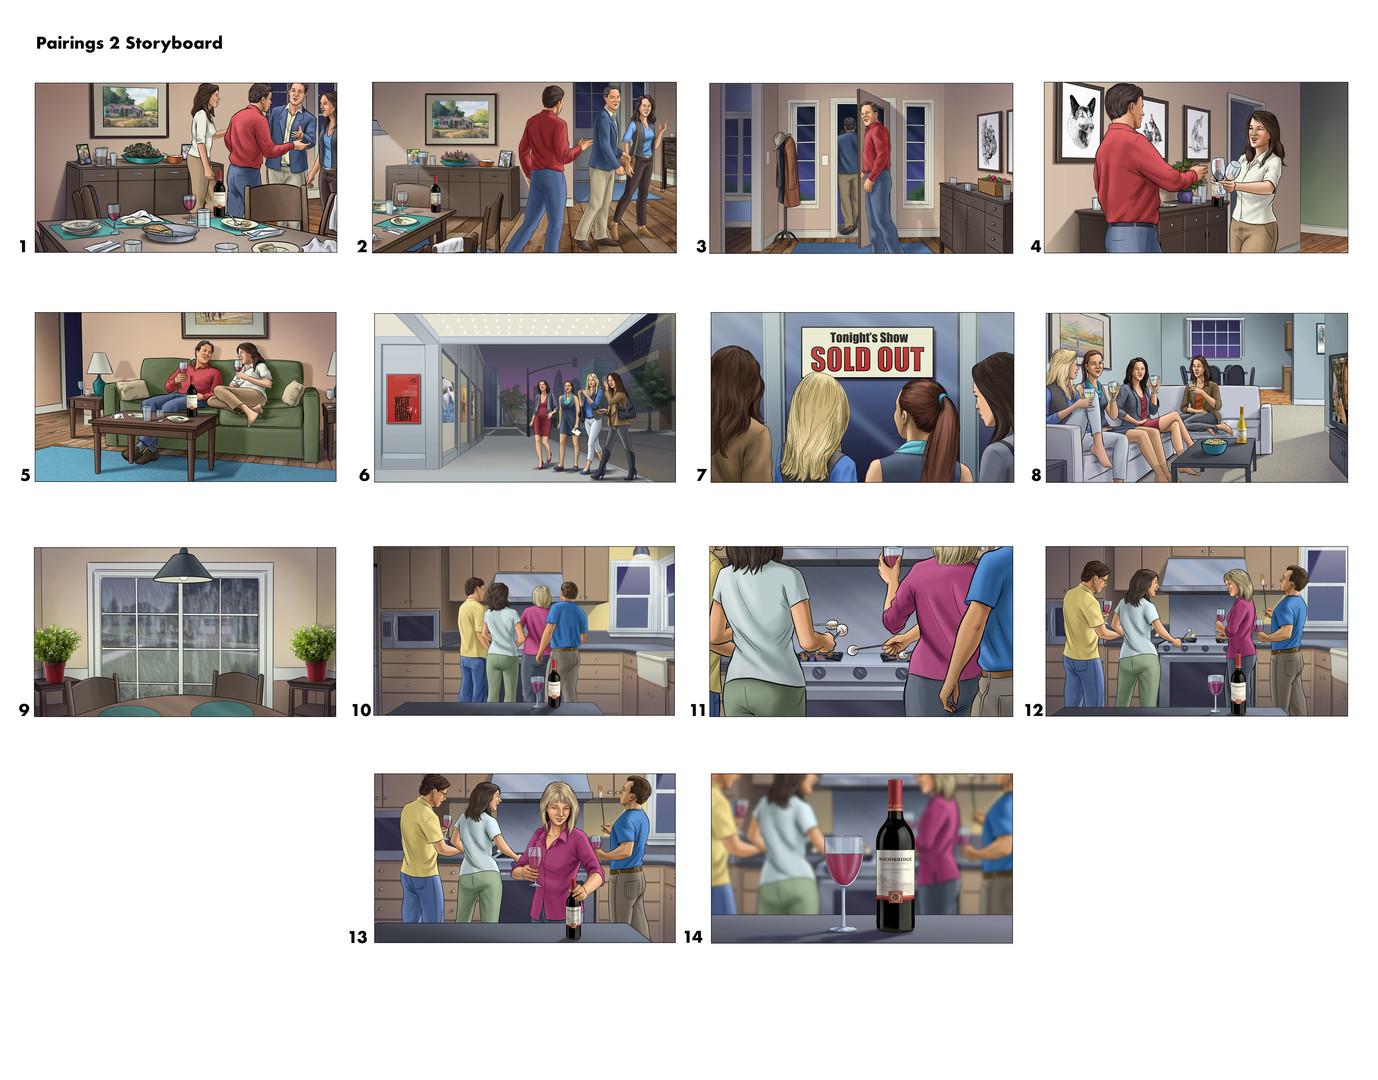 Pairings 2 storyboard 72dpi.jpg